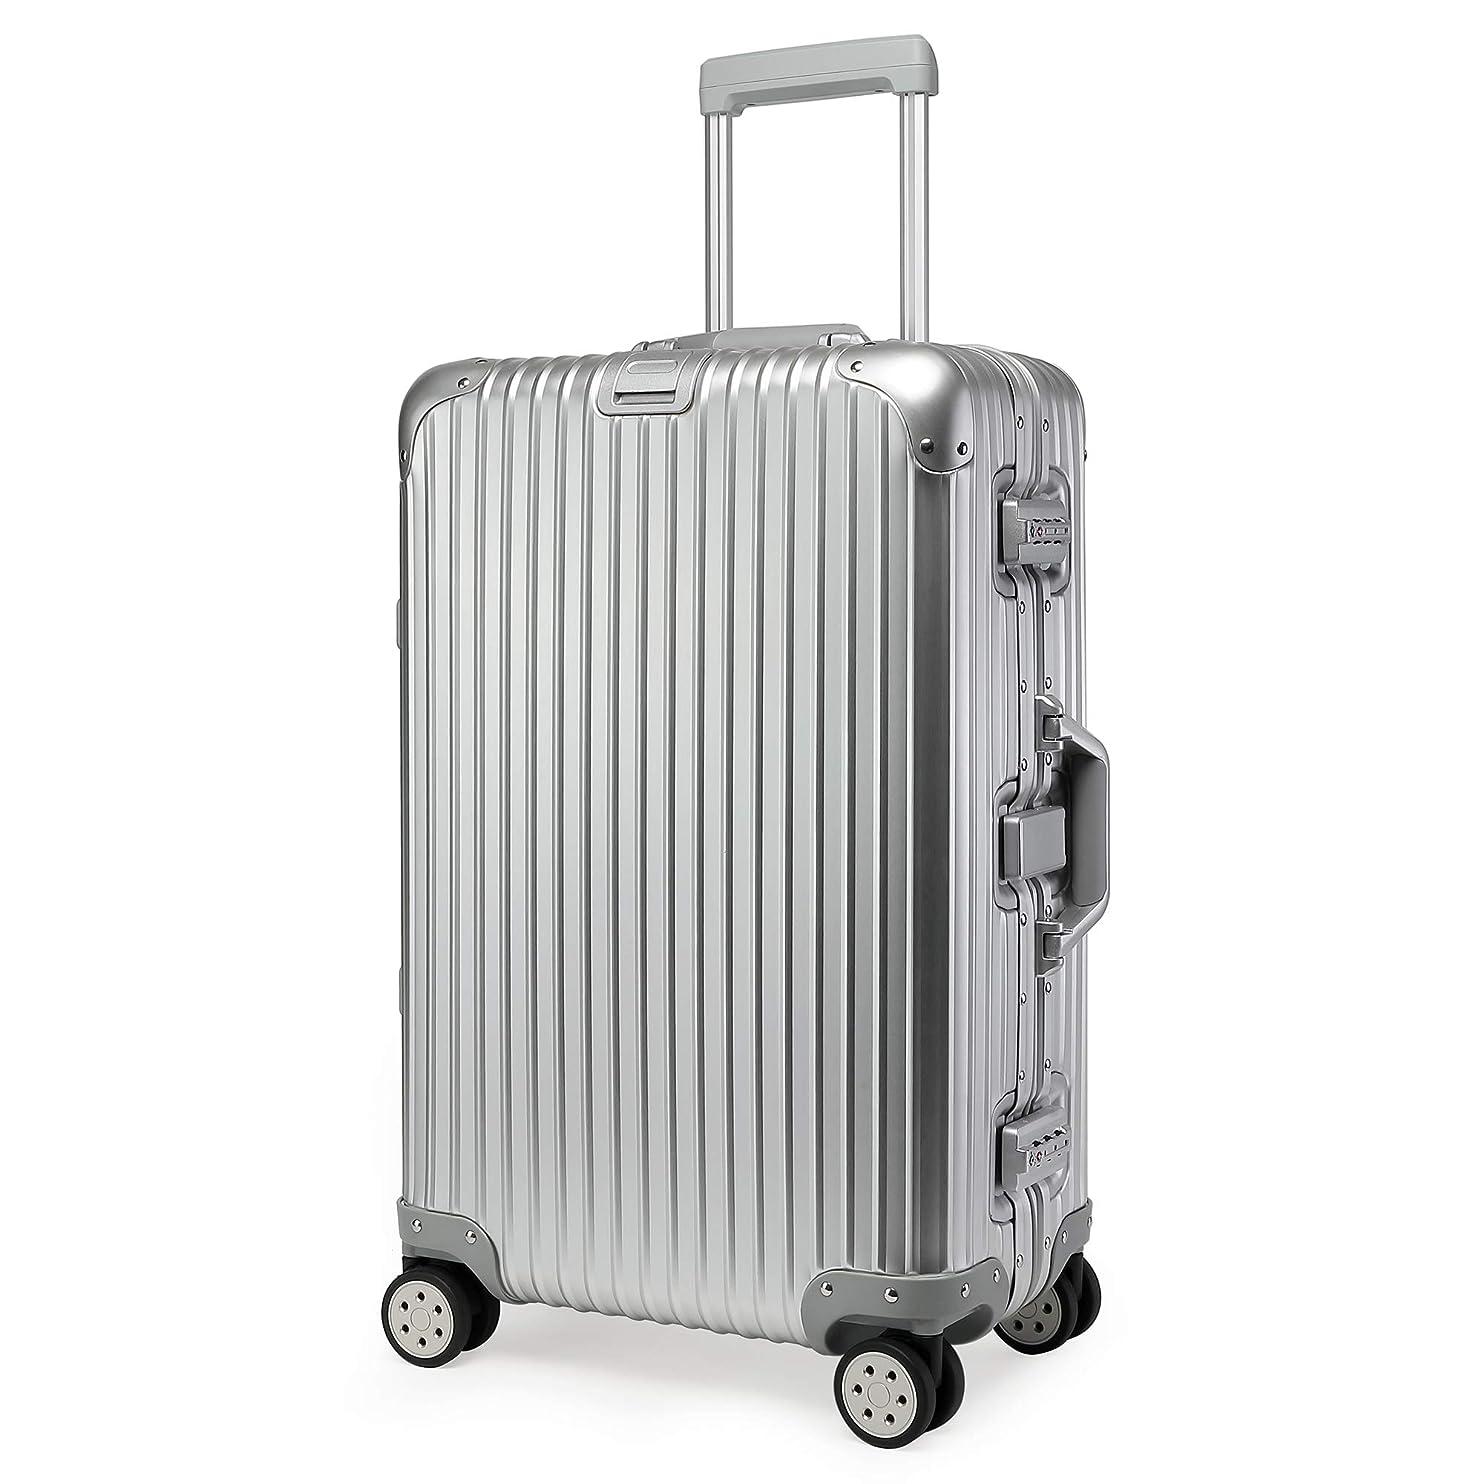 候補者考慮落花生Kroeus(クロース)キャリーケース スーツケース アルミ-マグネシウム合金ボディ TSAロック搭載 360度自由回転 S型機内持込可 日本語取扱説明書付き 1年間保証